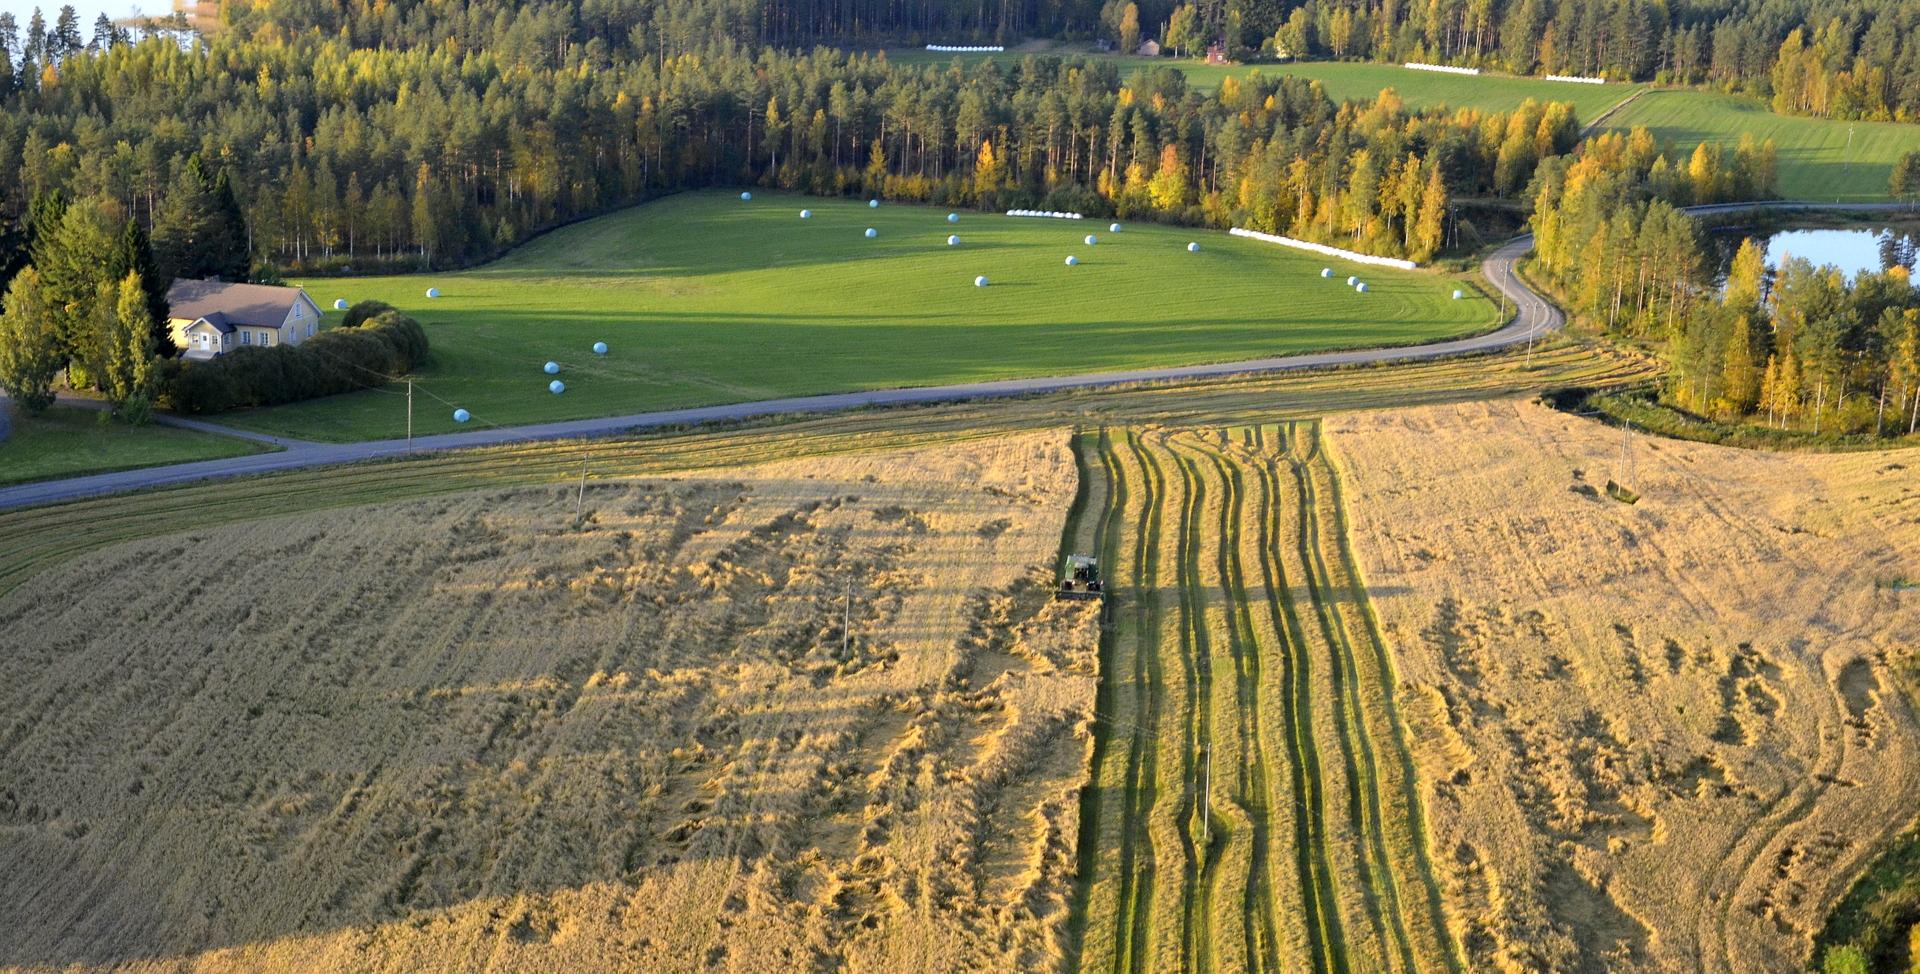 Syksyn harvoja aurinkoisia puintipäiviä 25.9.17. Puinti käynnissä Kannaksen pellolla.